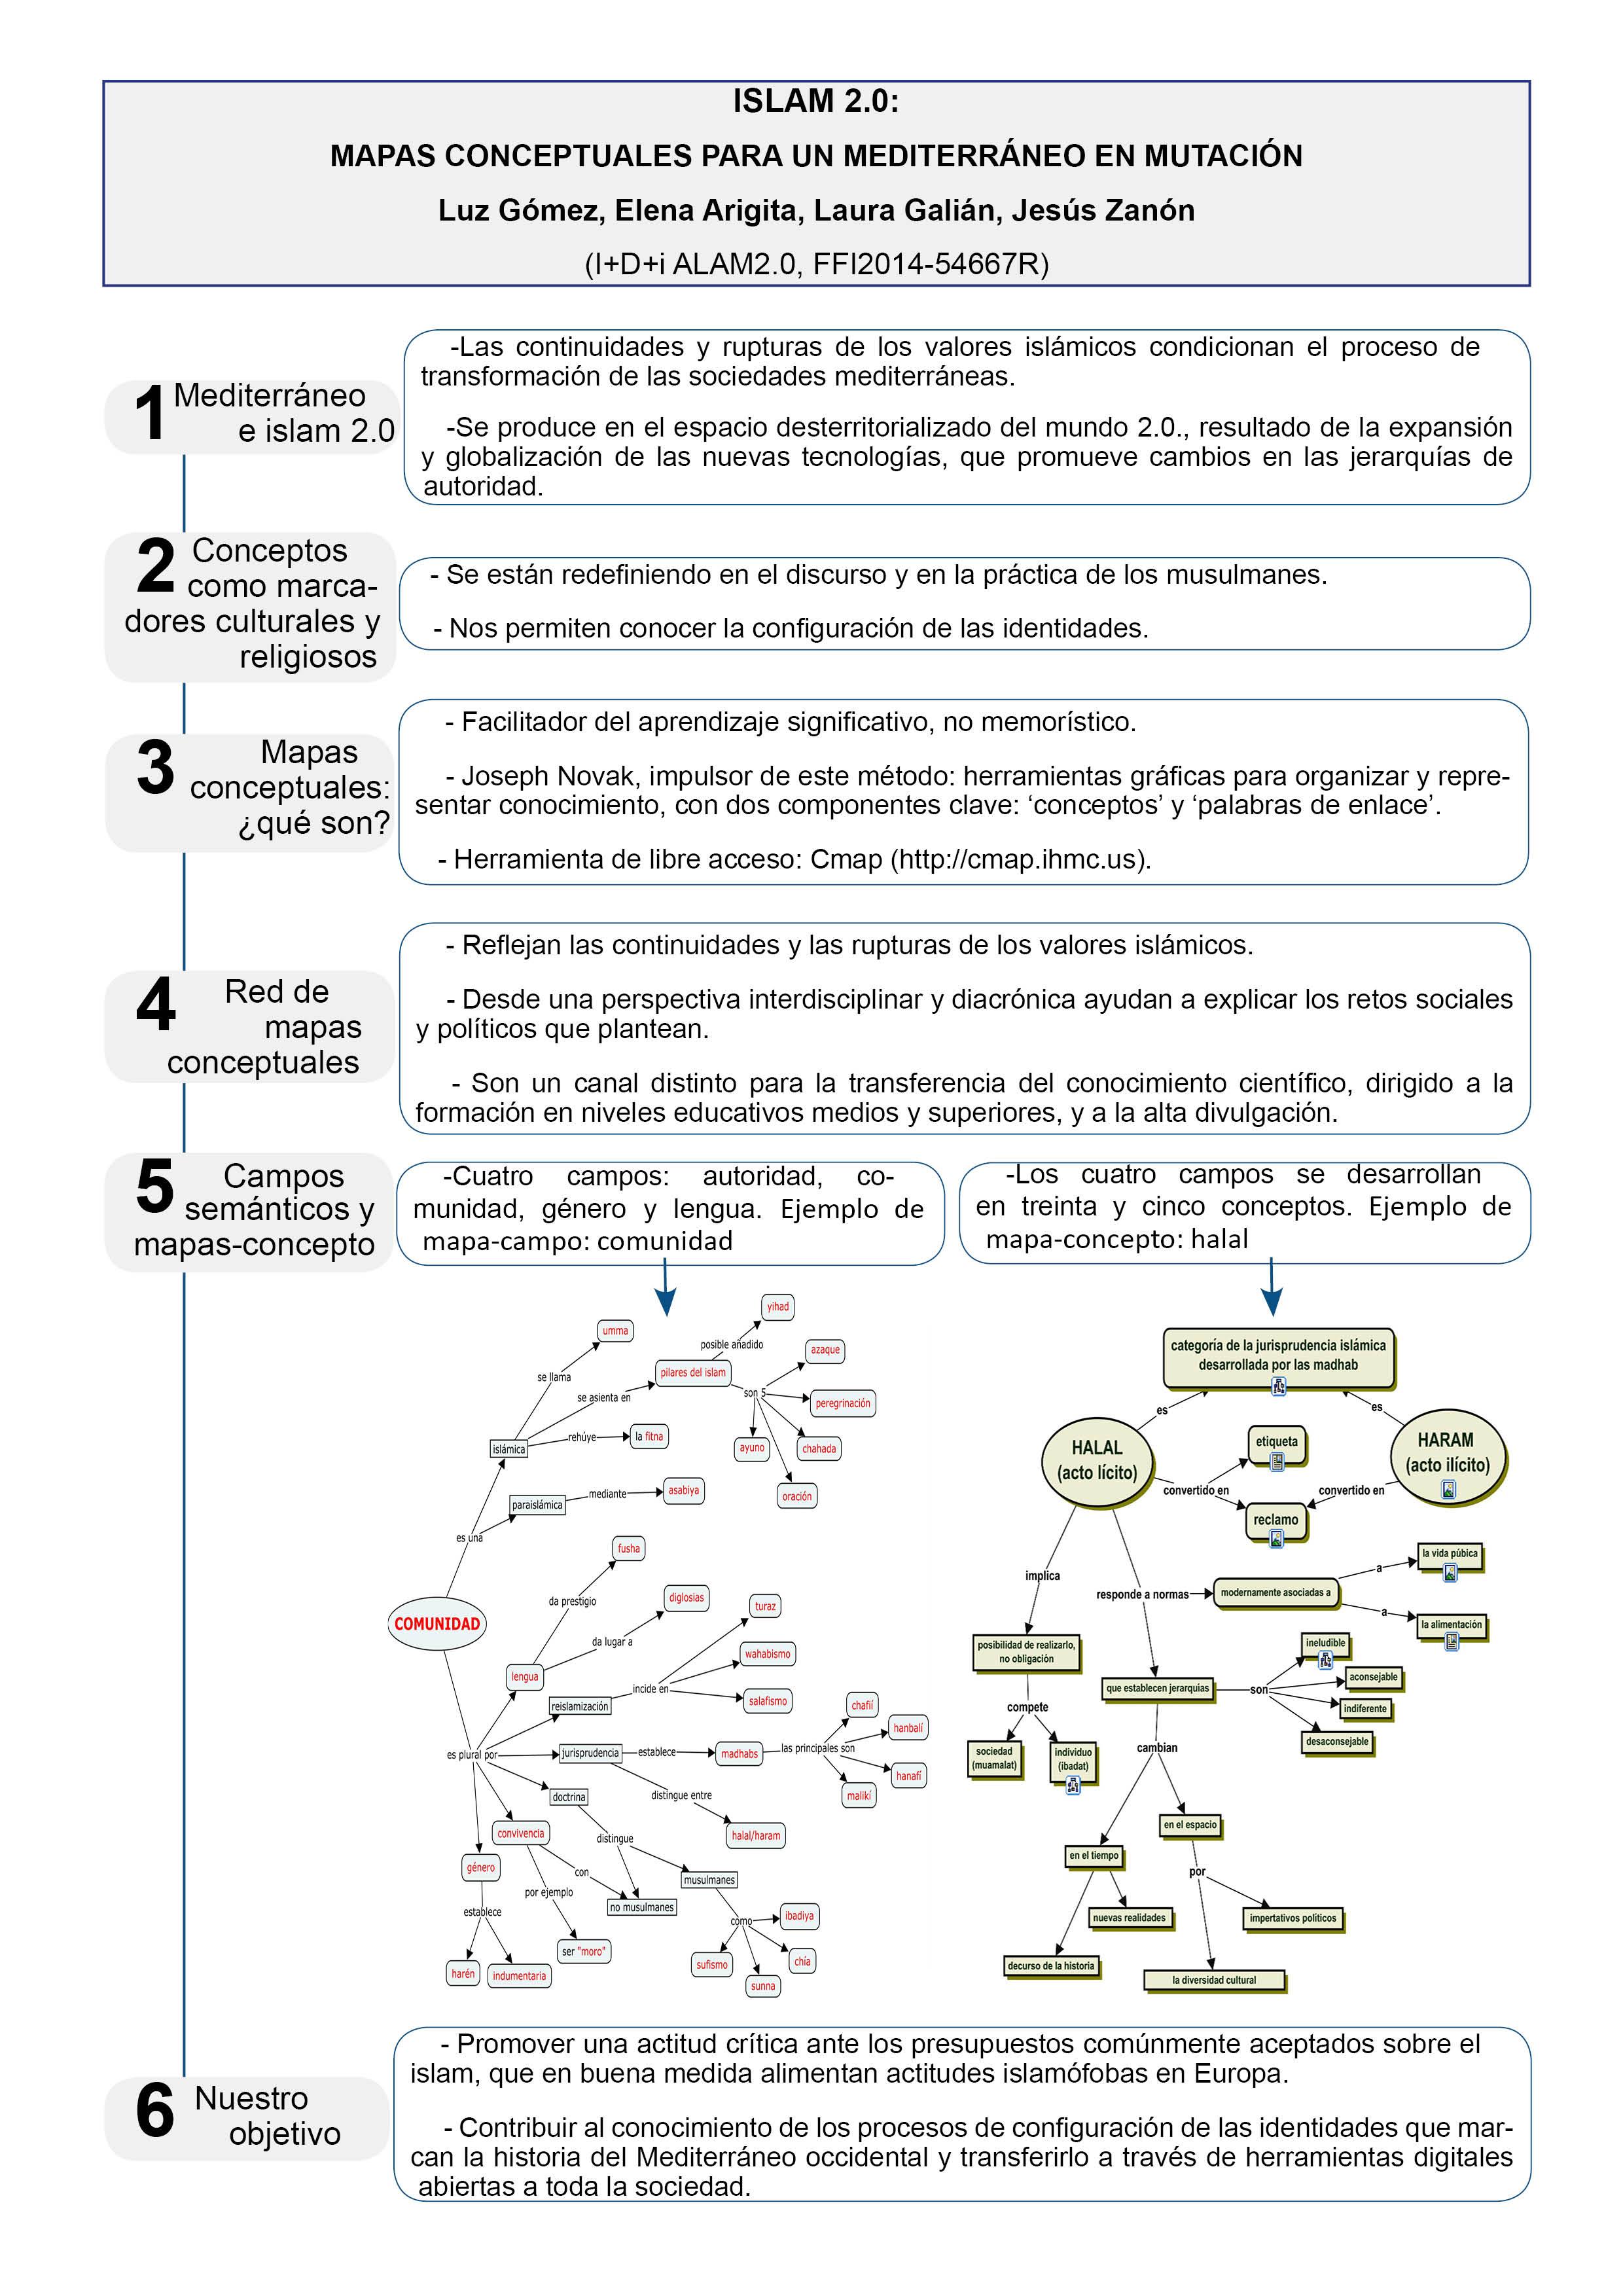 Islam 2.0: mapas conceptuales para un Mediterráneo en mutación